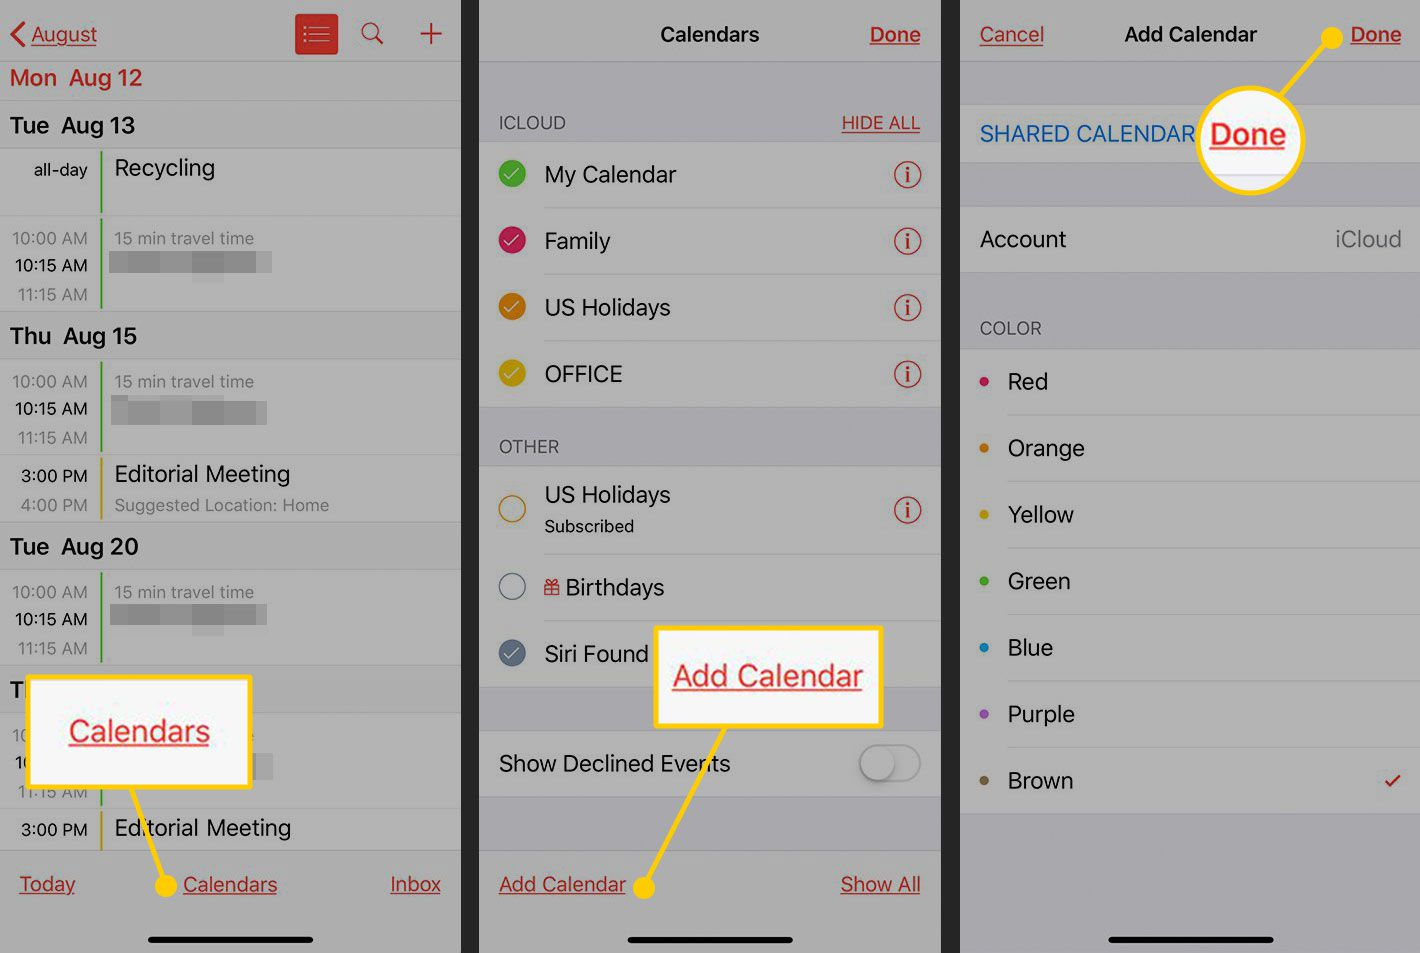 Adding a Calendar in iOS' Calendar app